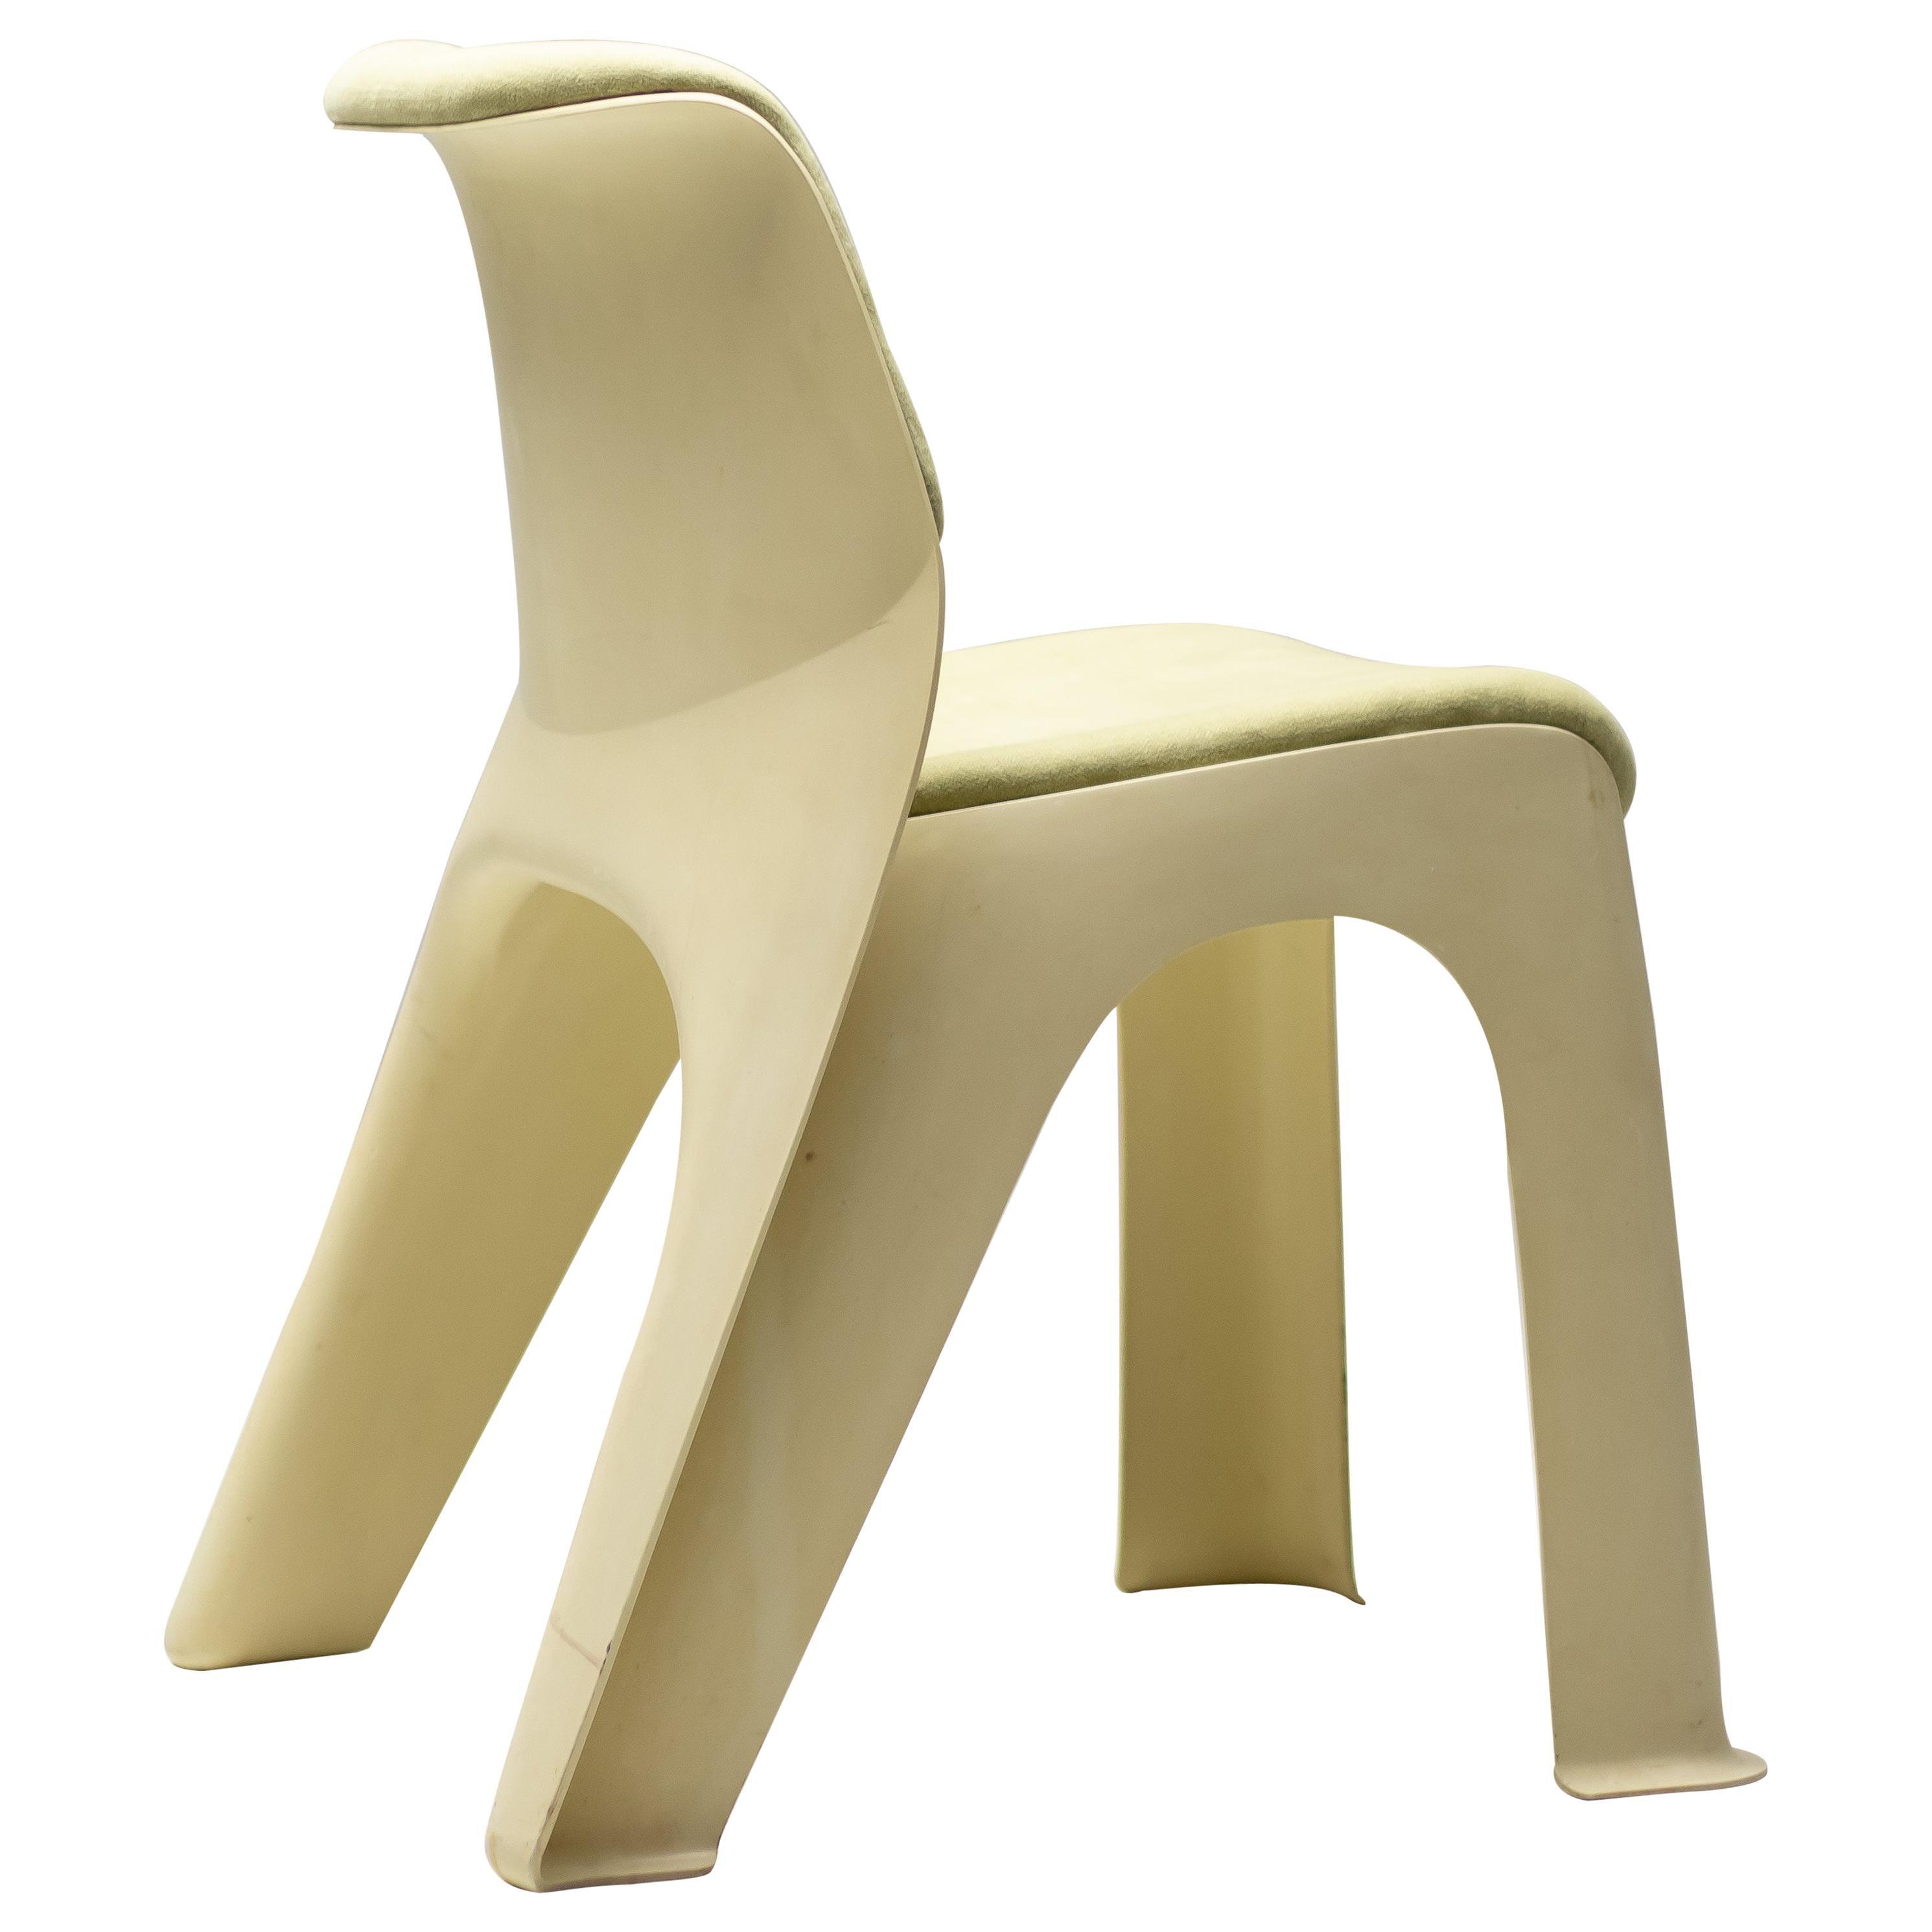 Moss Linen Plastic Chair, 1974